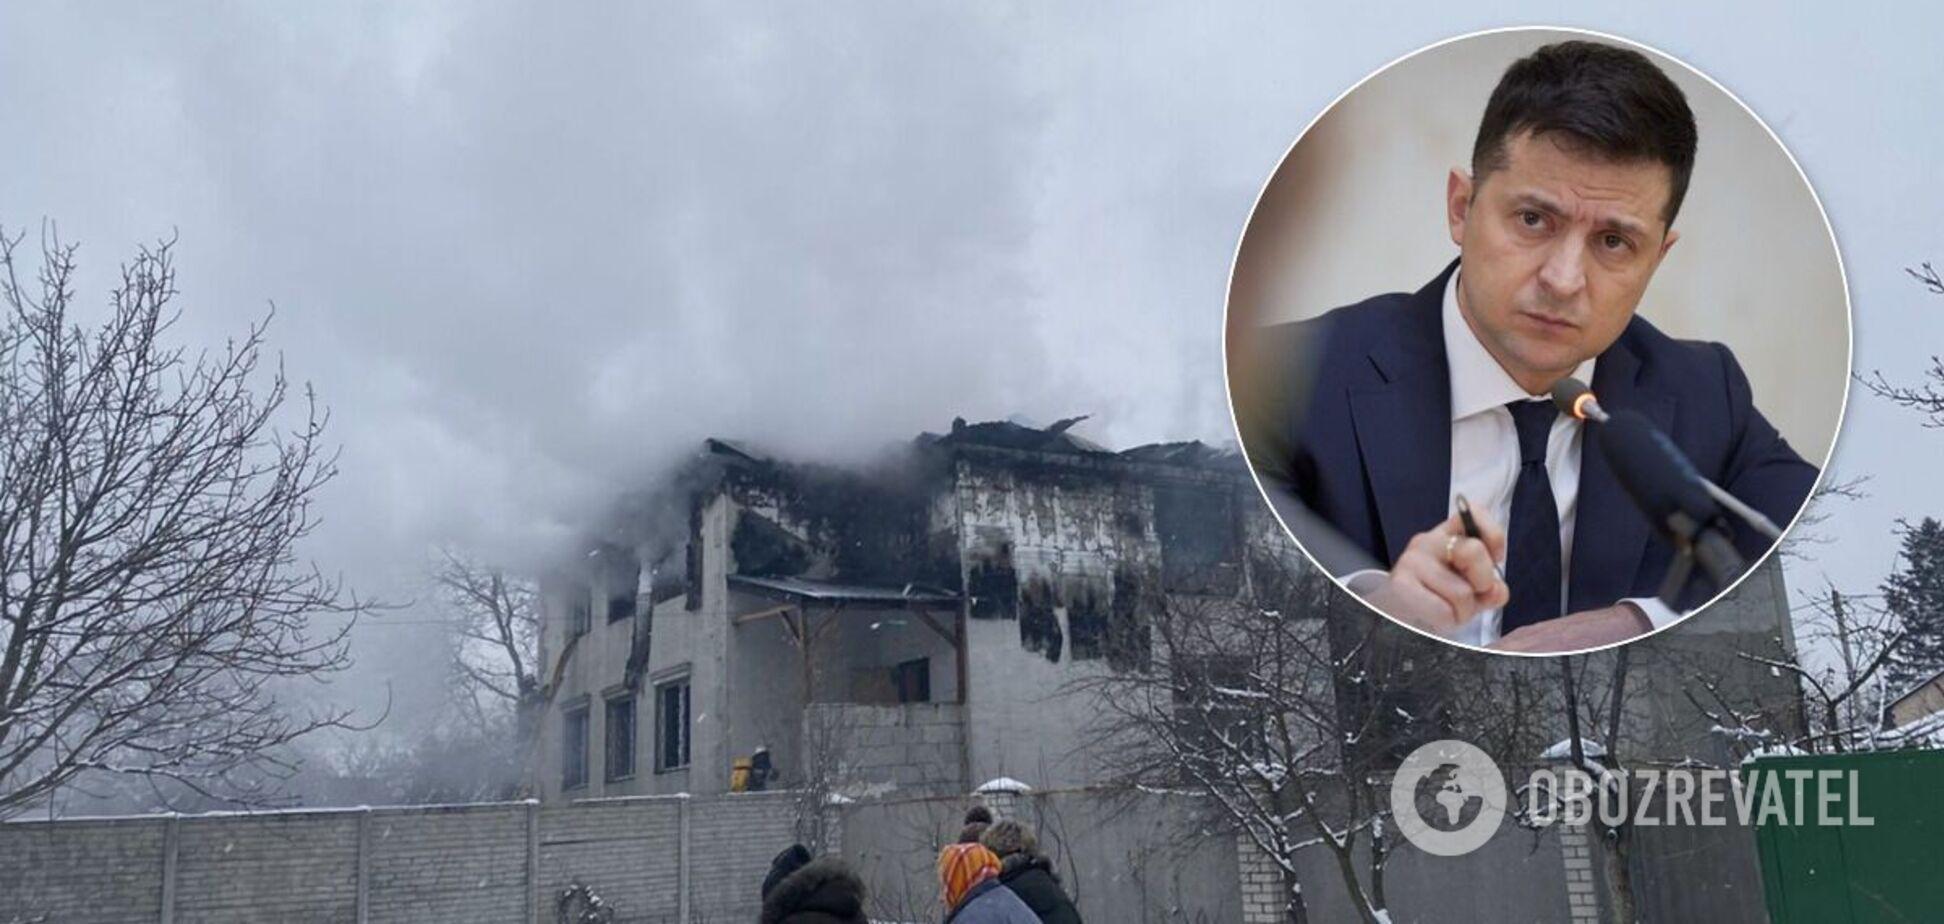 Зеленский провел совещание из-за пожара в Харькове